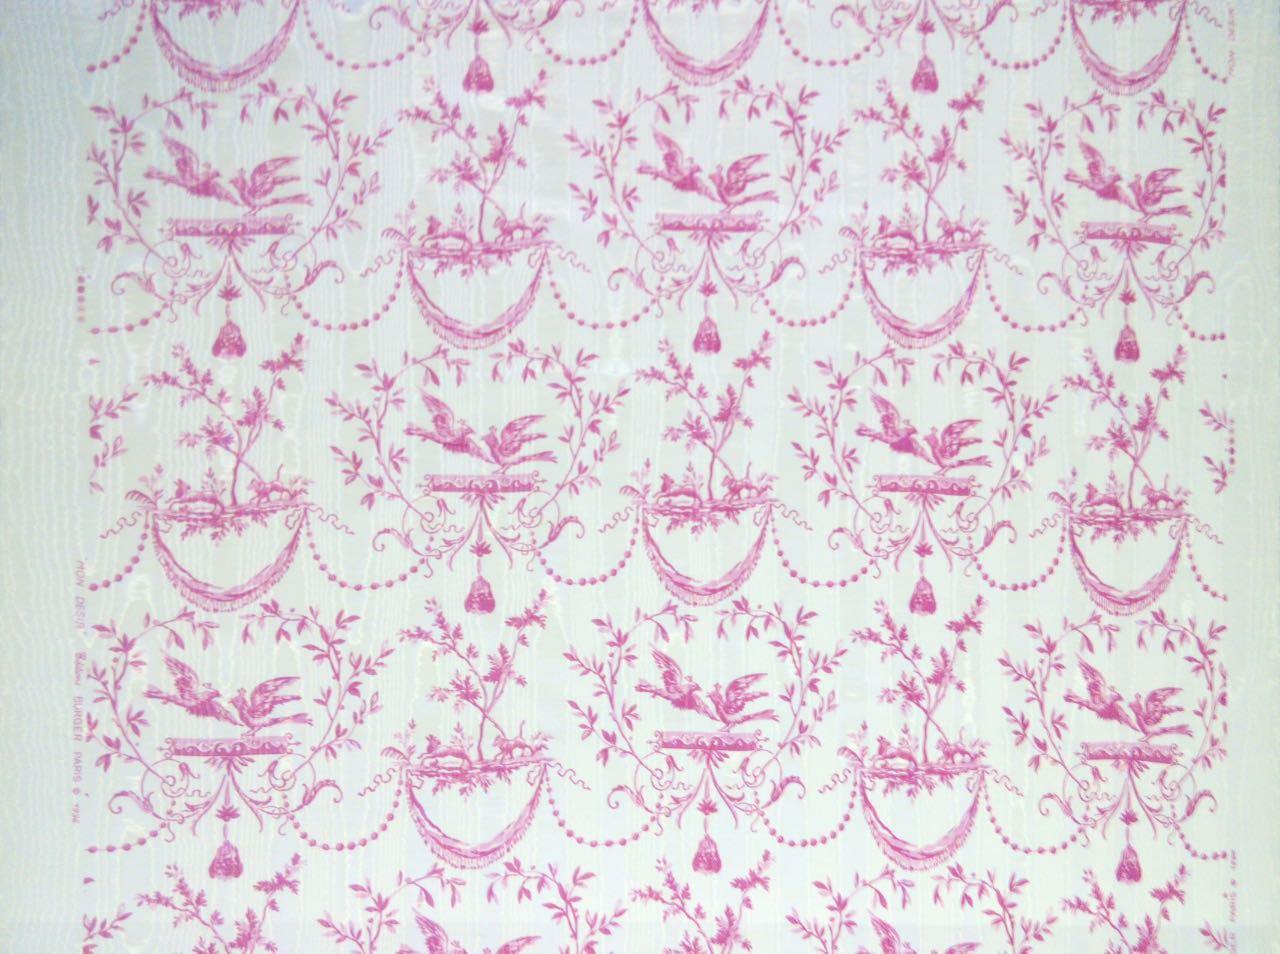 フランス生地 防炎加工 モアレ 動物プリント 《フェニックス》 ピンク